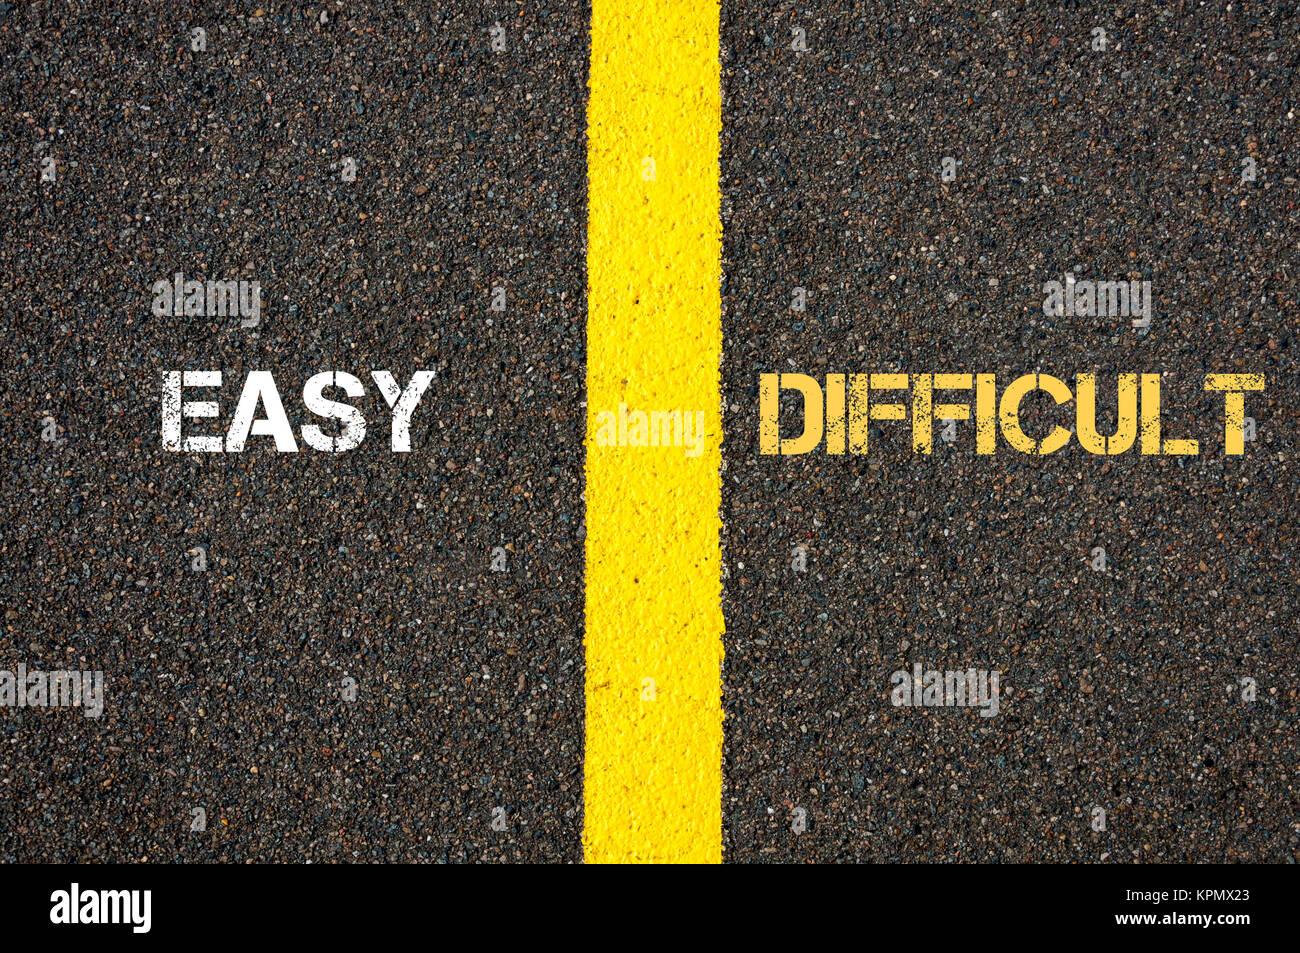 Antonym concept of EASY versus DIFFICULT - Stock Image